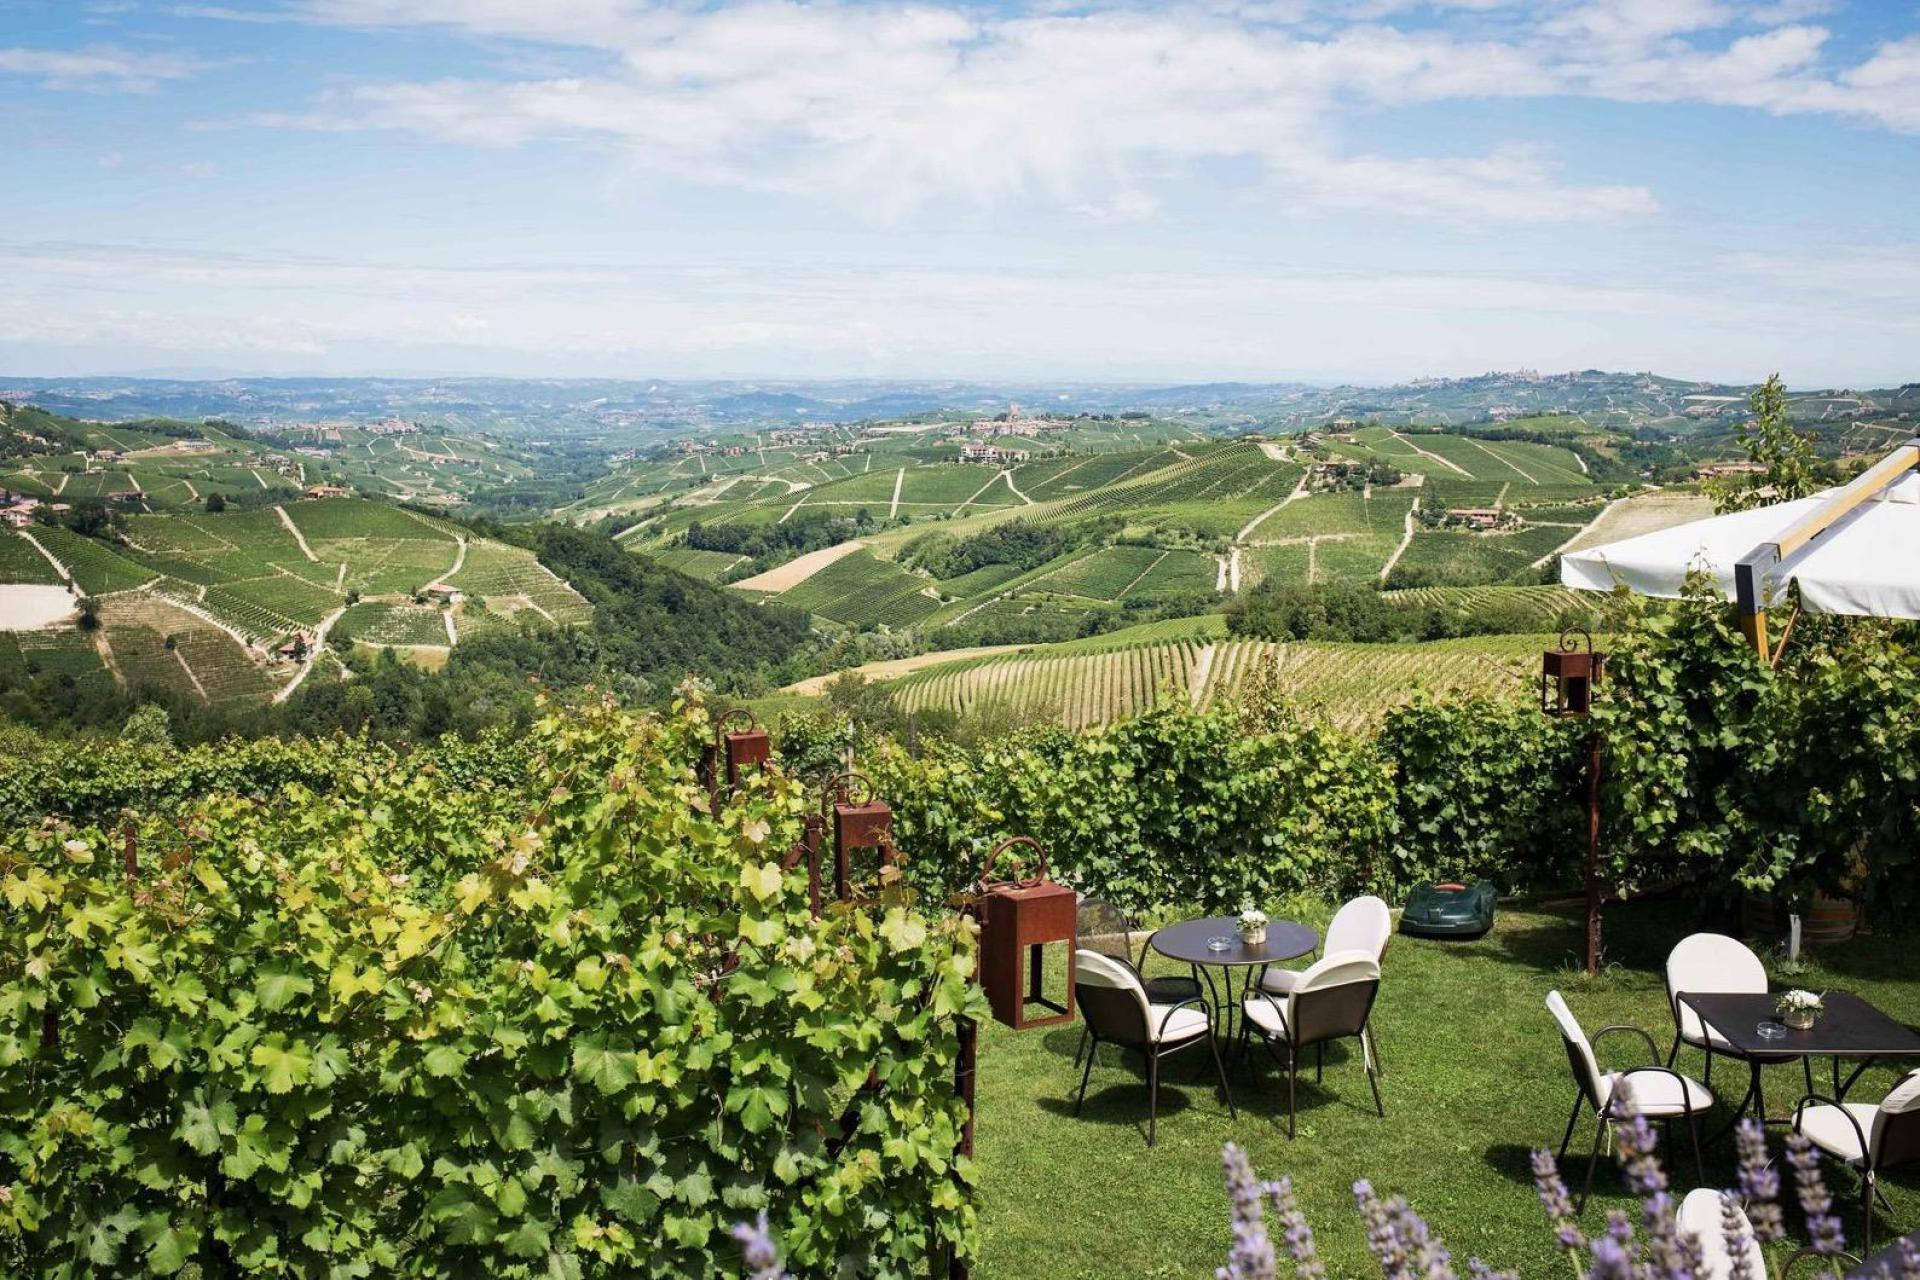 Agriturismo Piemont Agriturismo Piemont, mit großartigen Weinen und Lokal